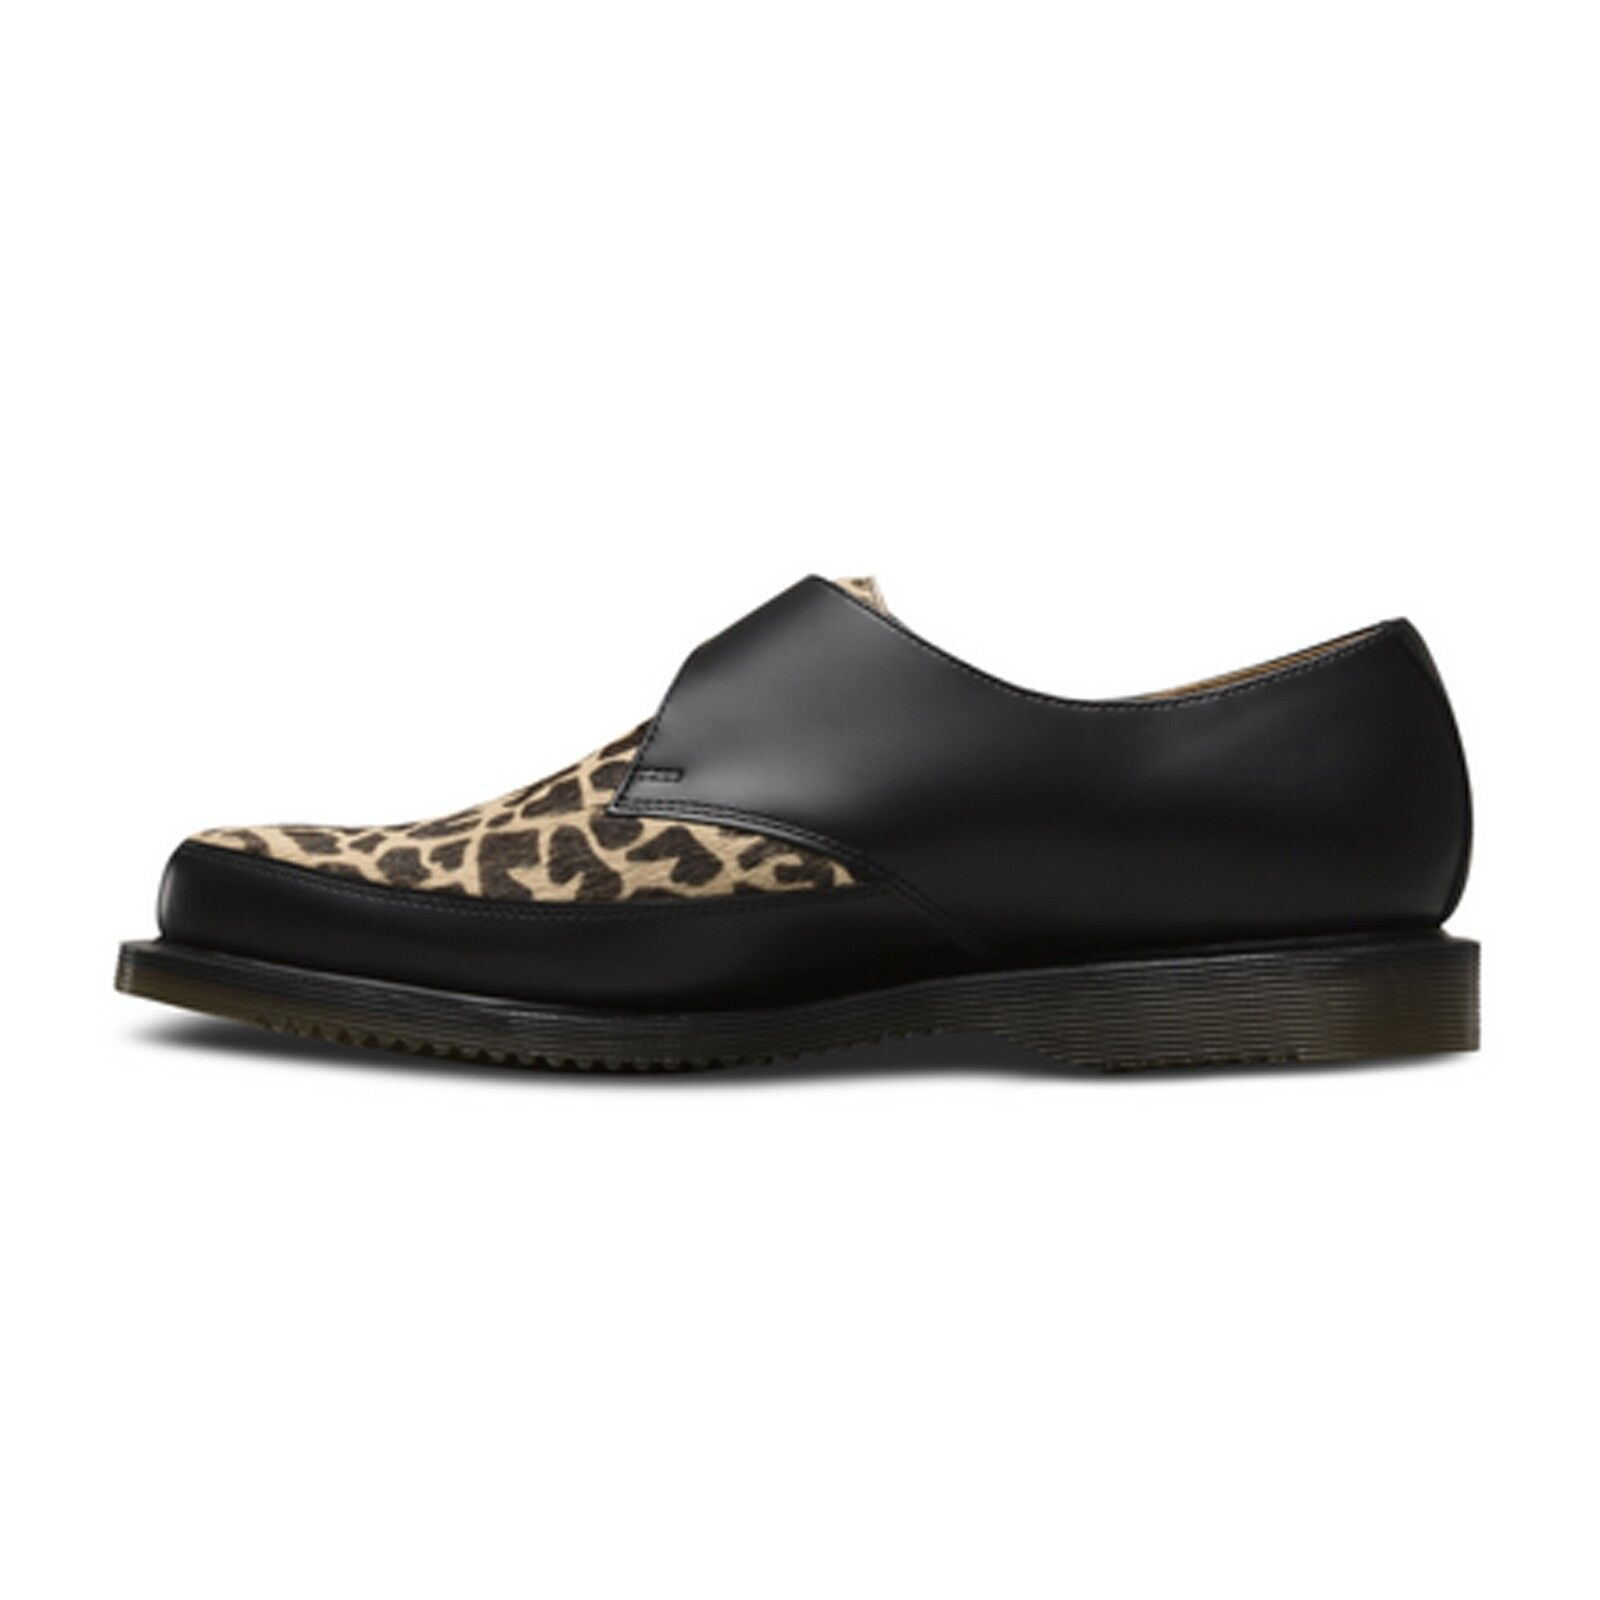 Dr. Martens - Hawley Smooth schwarz 20861002 Monk Strap Rockabilly Creeper Giraffe